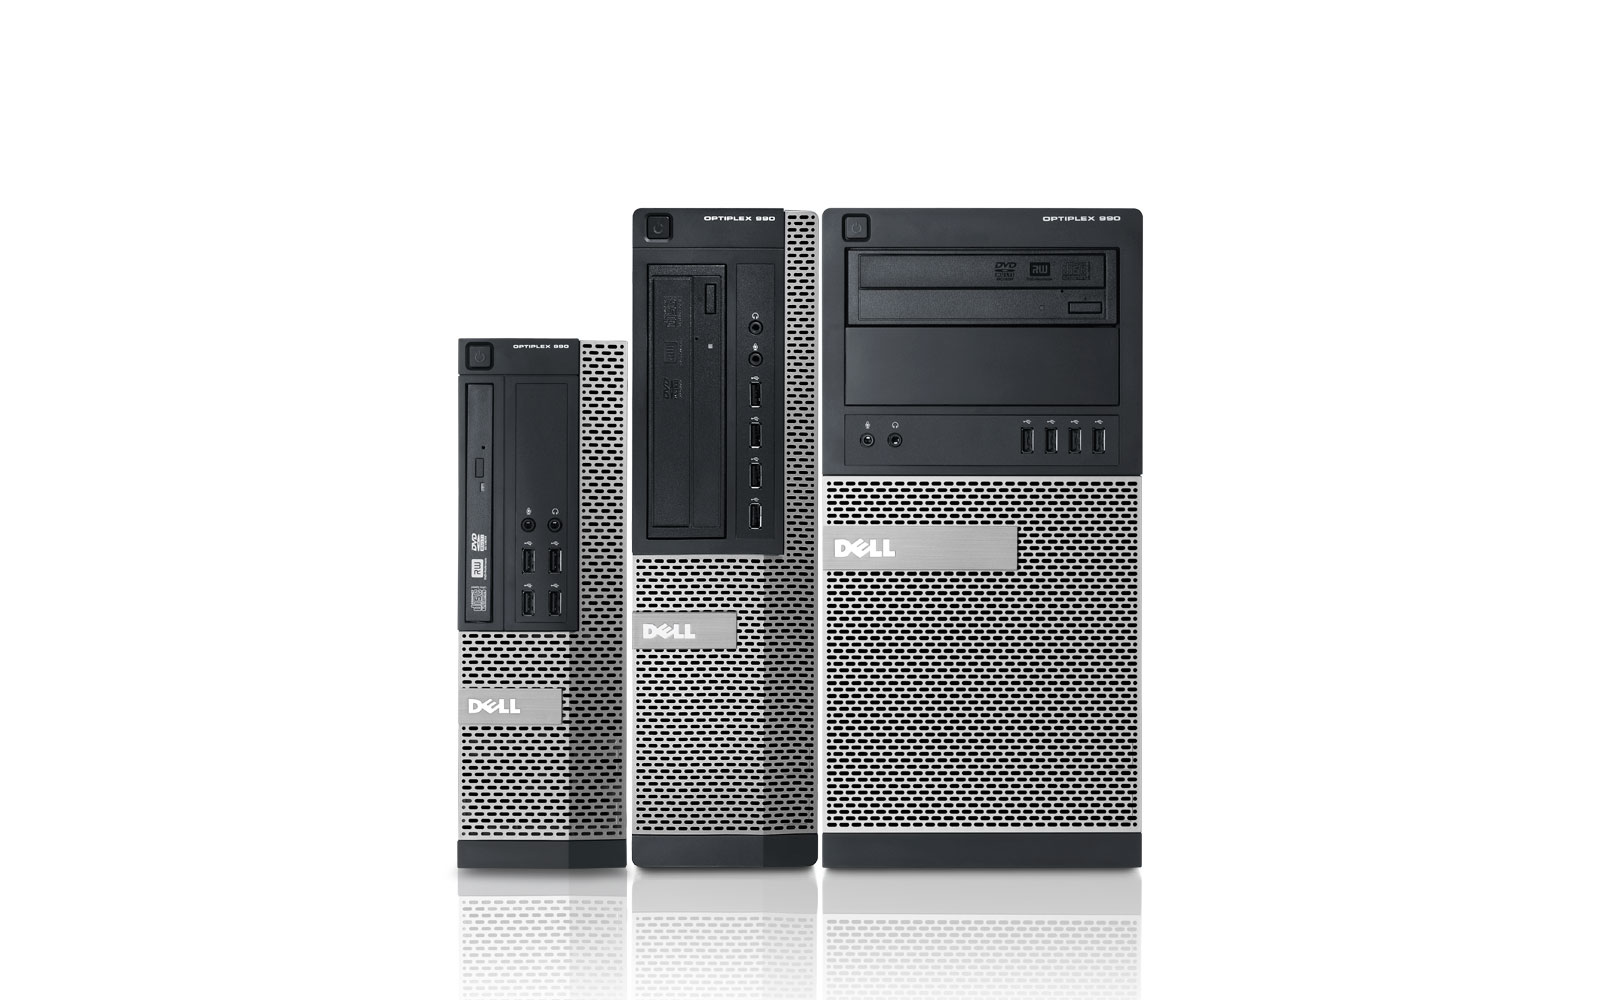 dell Optiplex - Business Desktop PCs